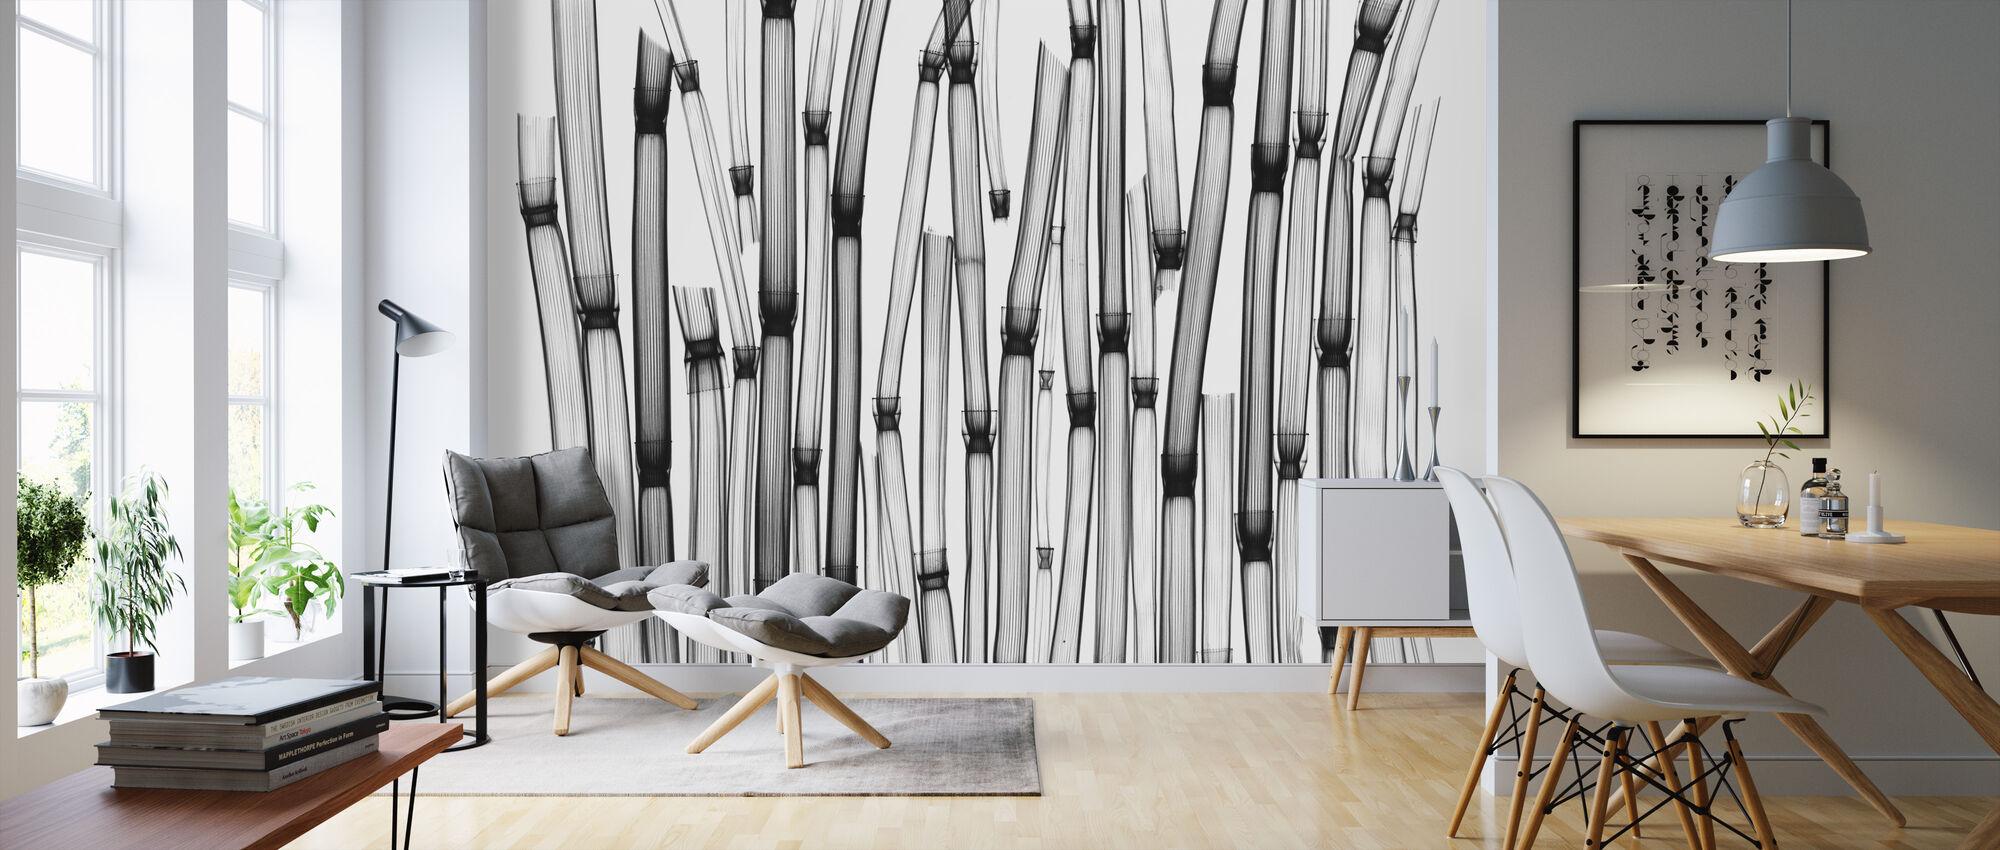 Horsetail - Wallpaper - Living Room